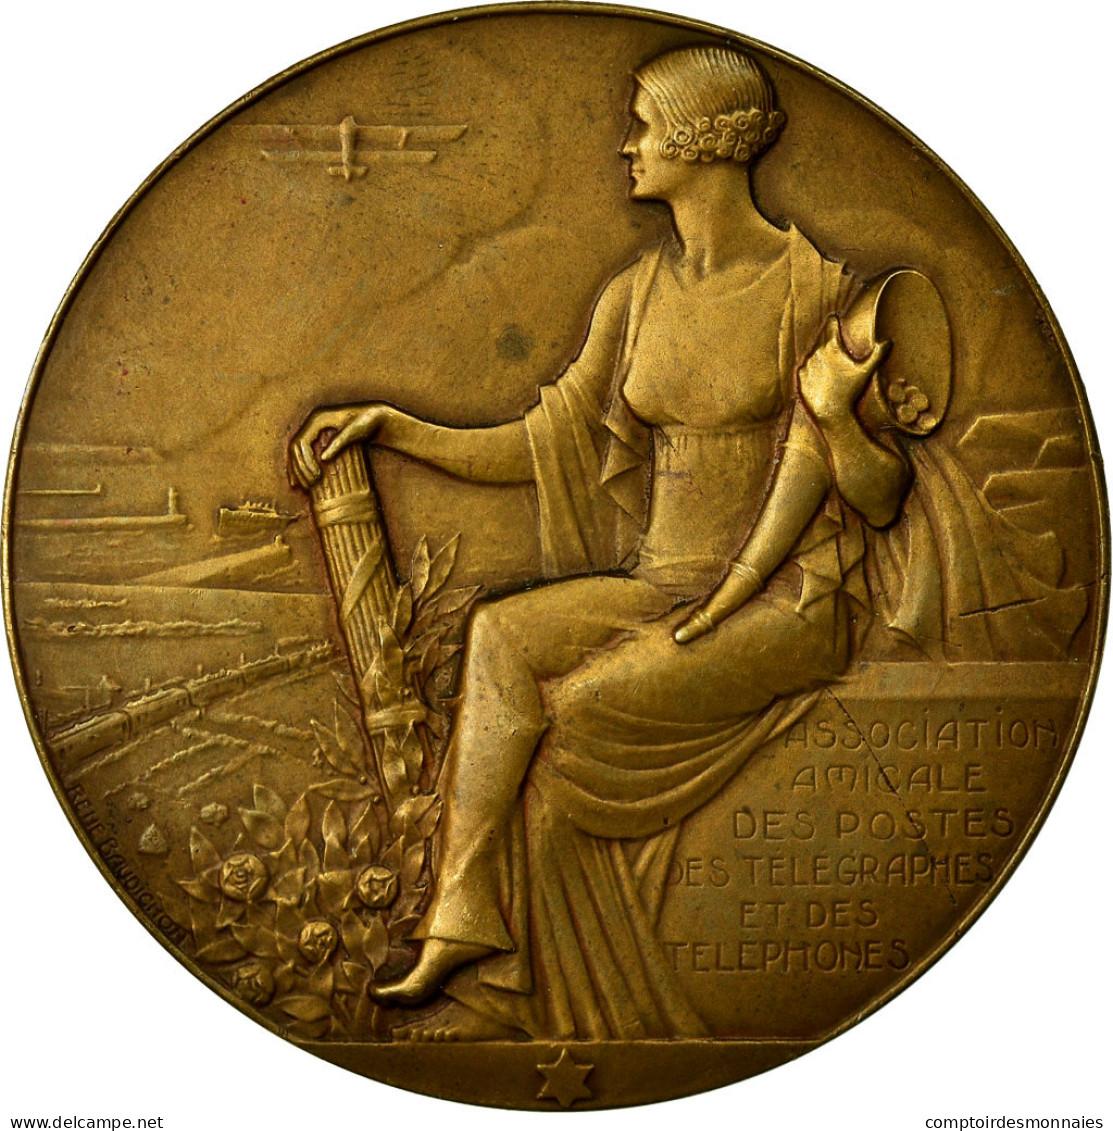 France, Médaille, Association Amicale Des Postes, Des Télégraphes Et Des - France